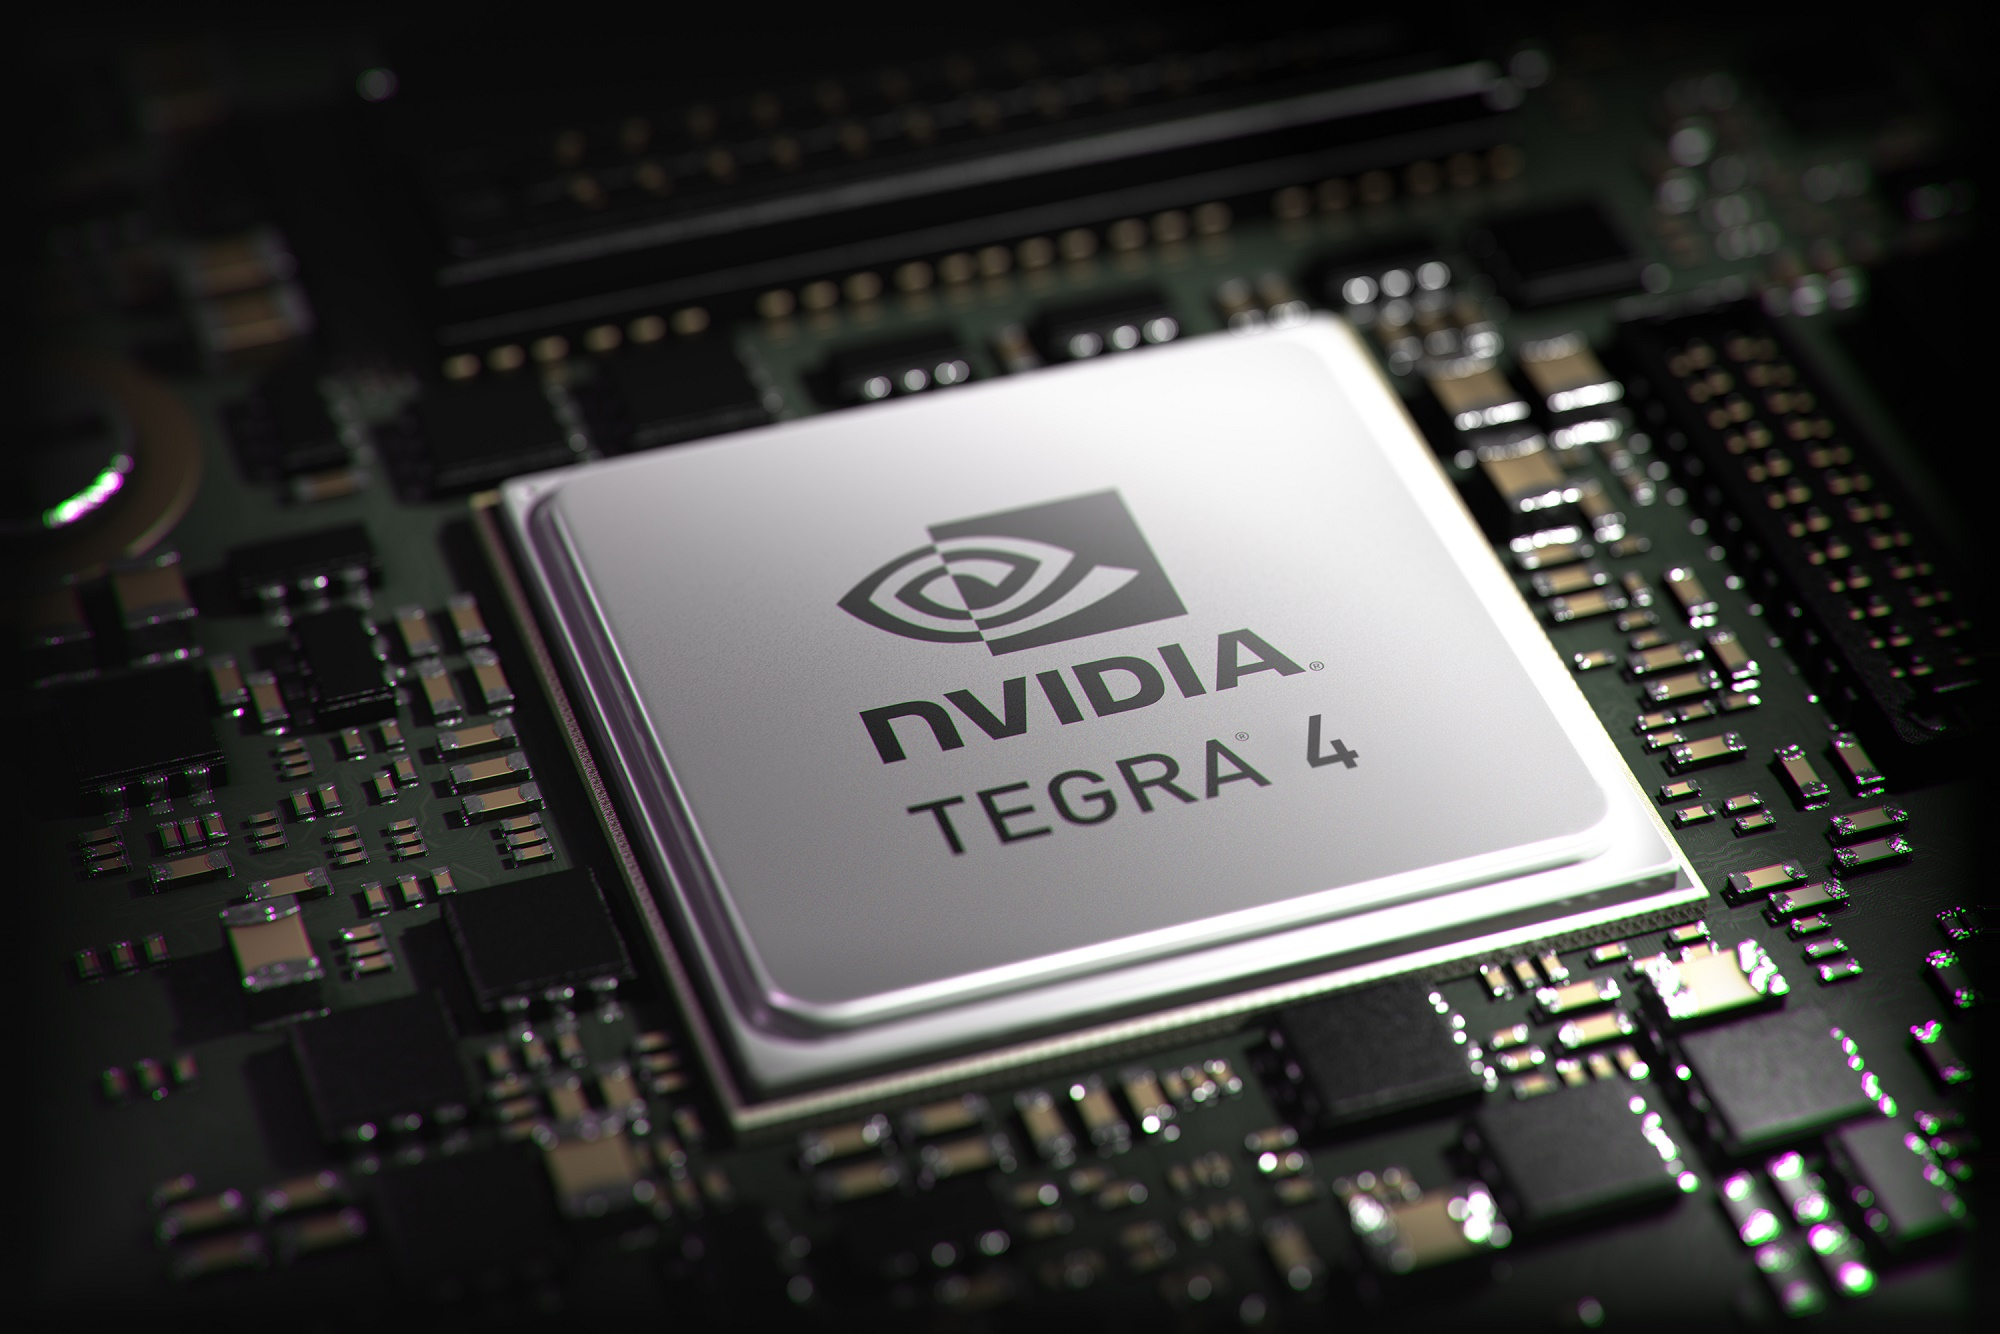 El procesador nVIDIA Tegra 4 ha permitido crear consolas para Android como Shield y ahora Asus Gamebox.